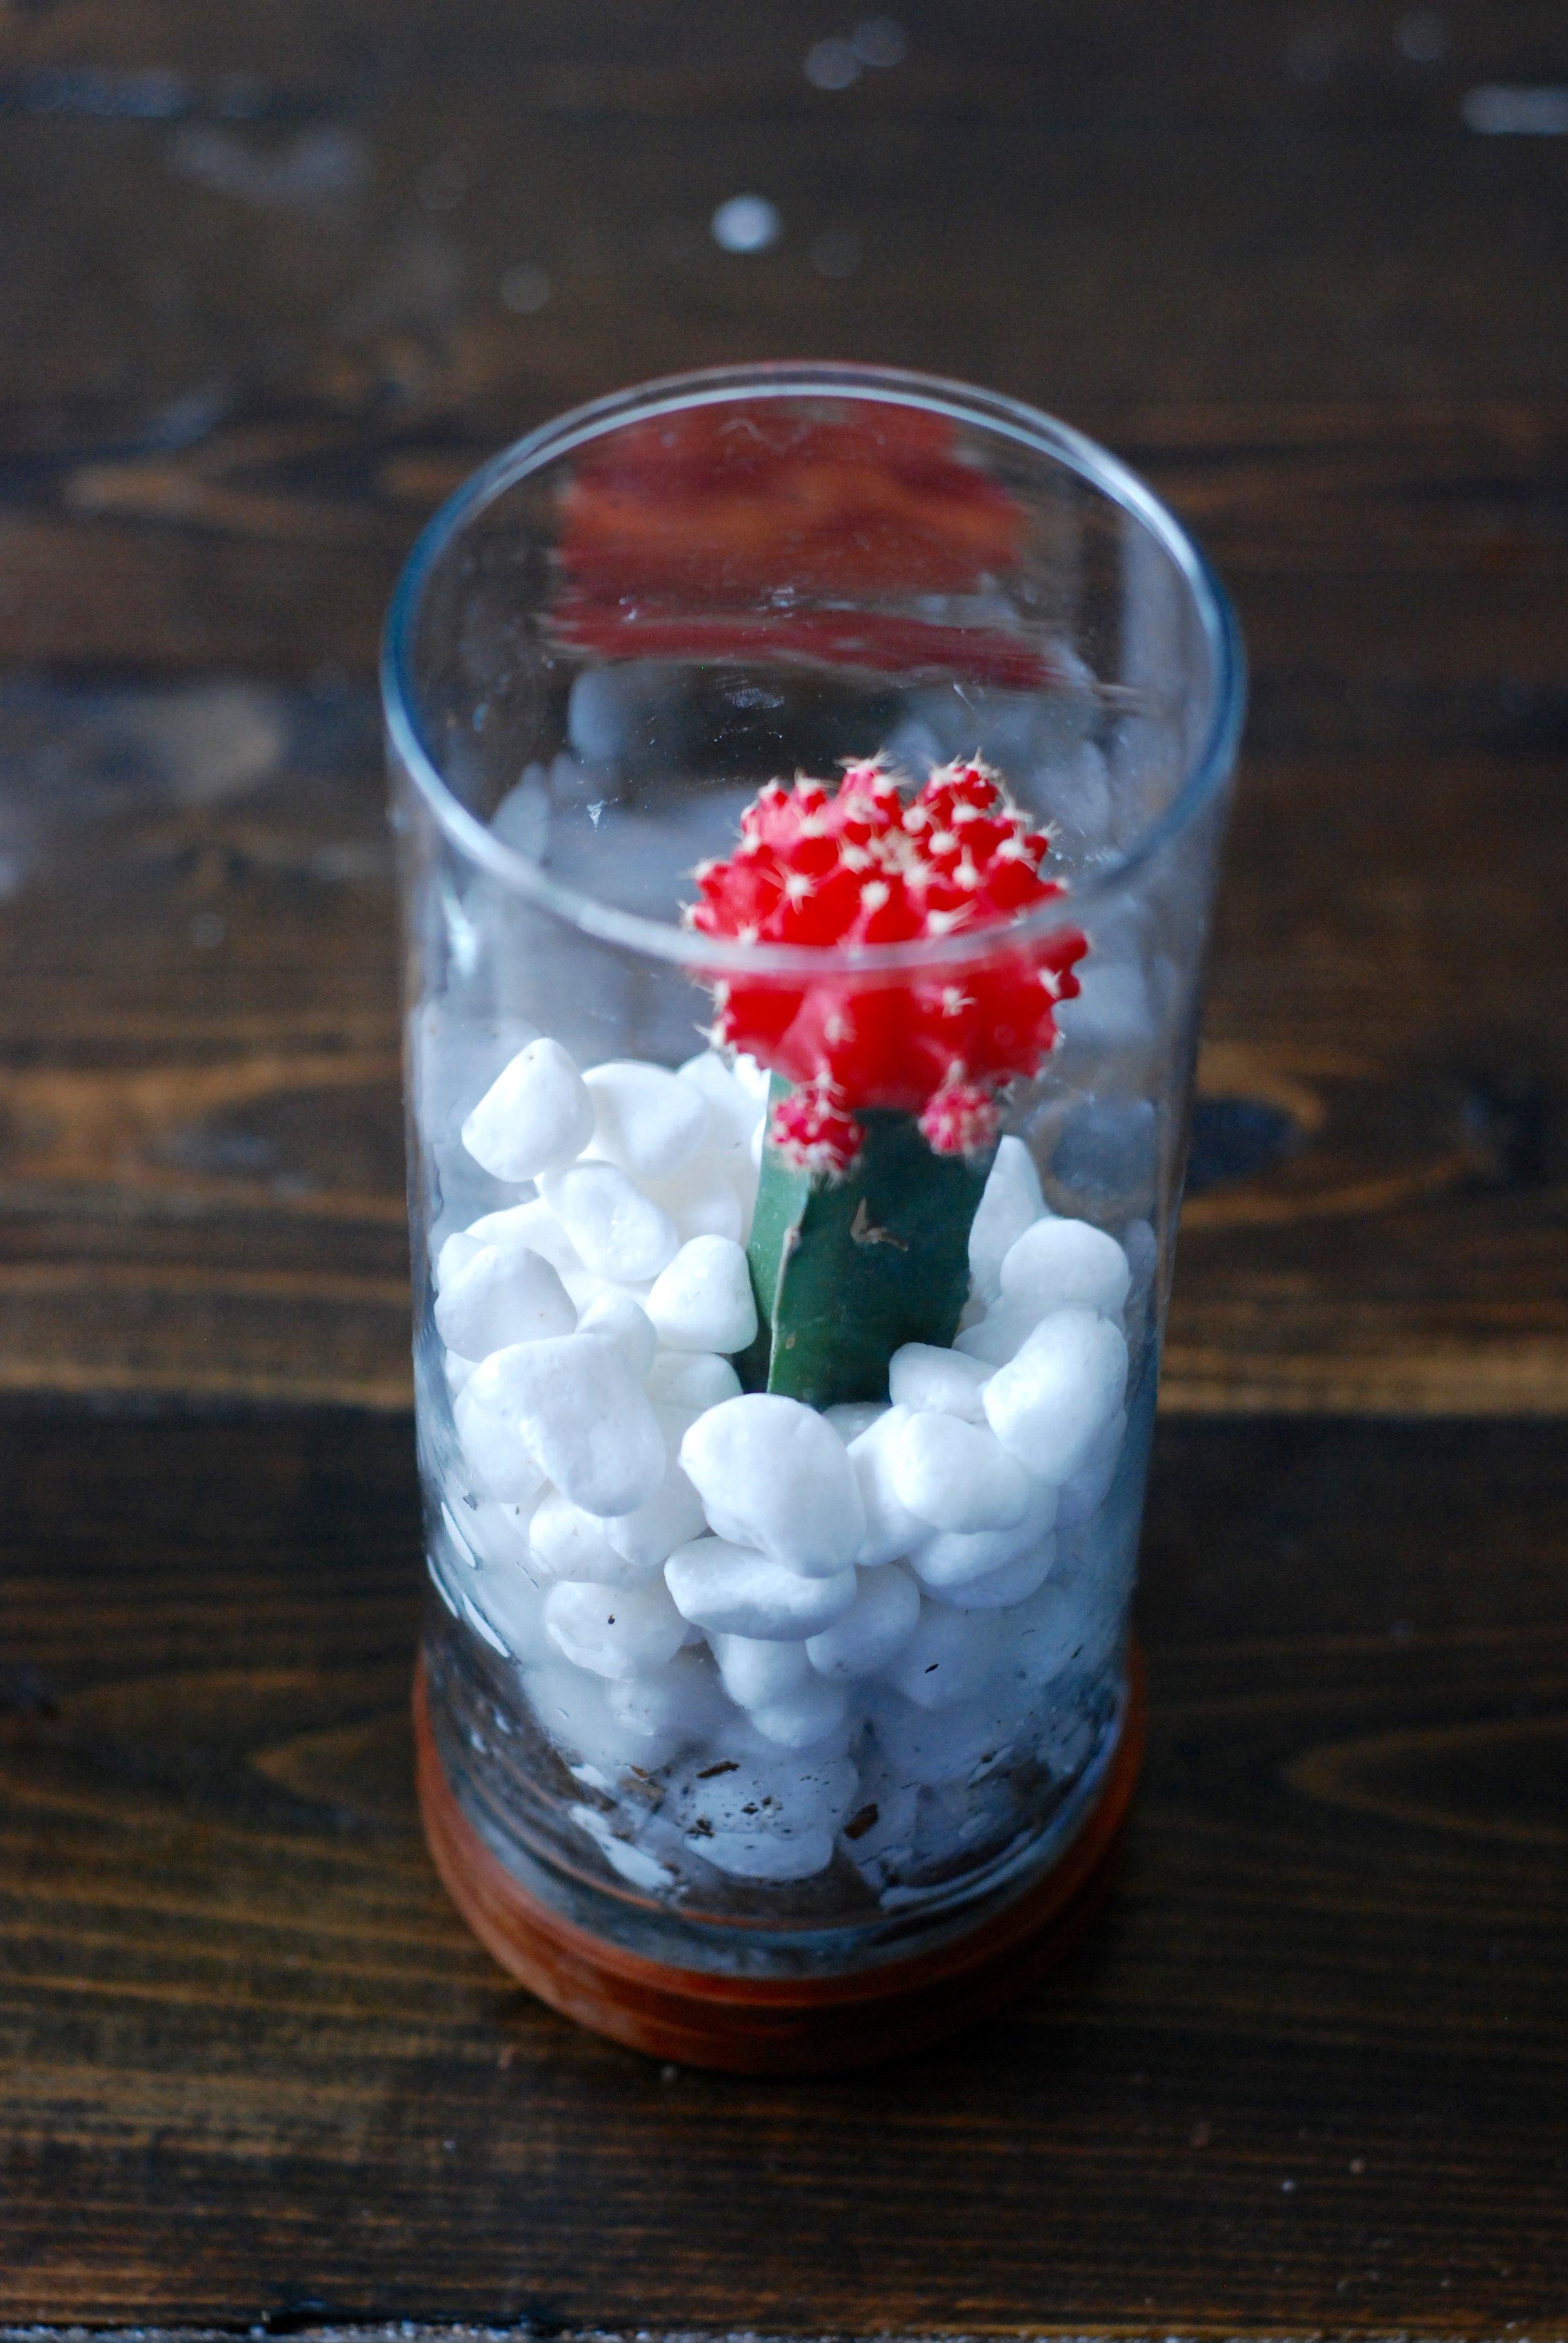 Red Cactus Succulent